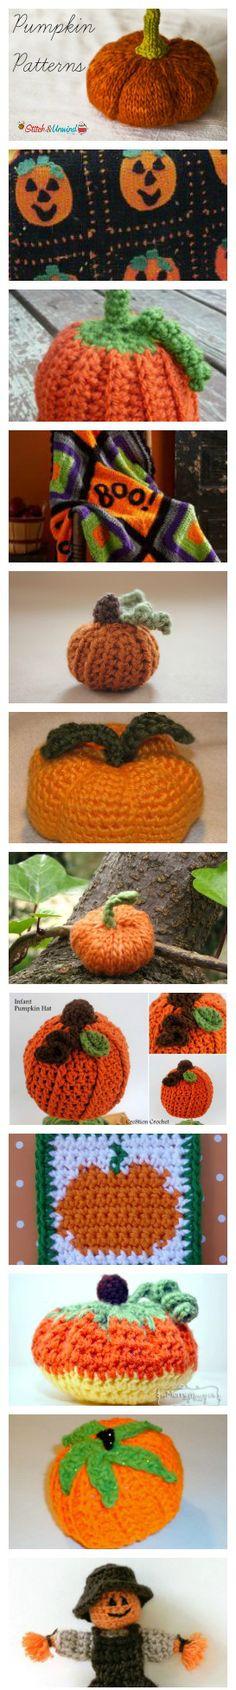 Pumpkin Patterns1 The Best Collection of Pumpkin Crochet & Knitting Patterns